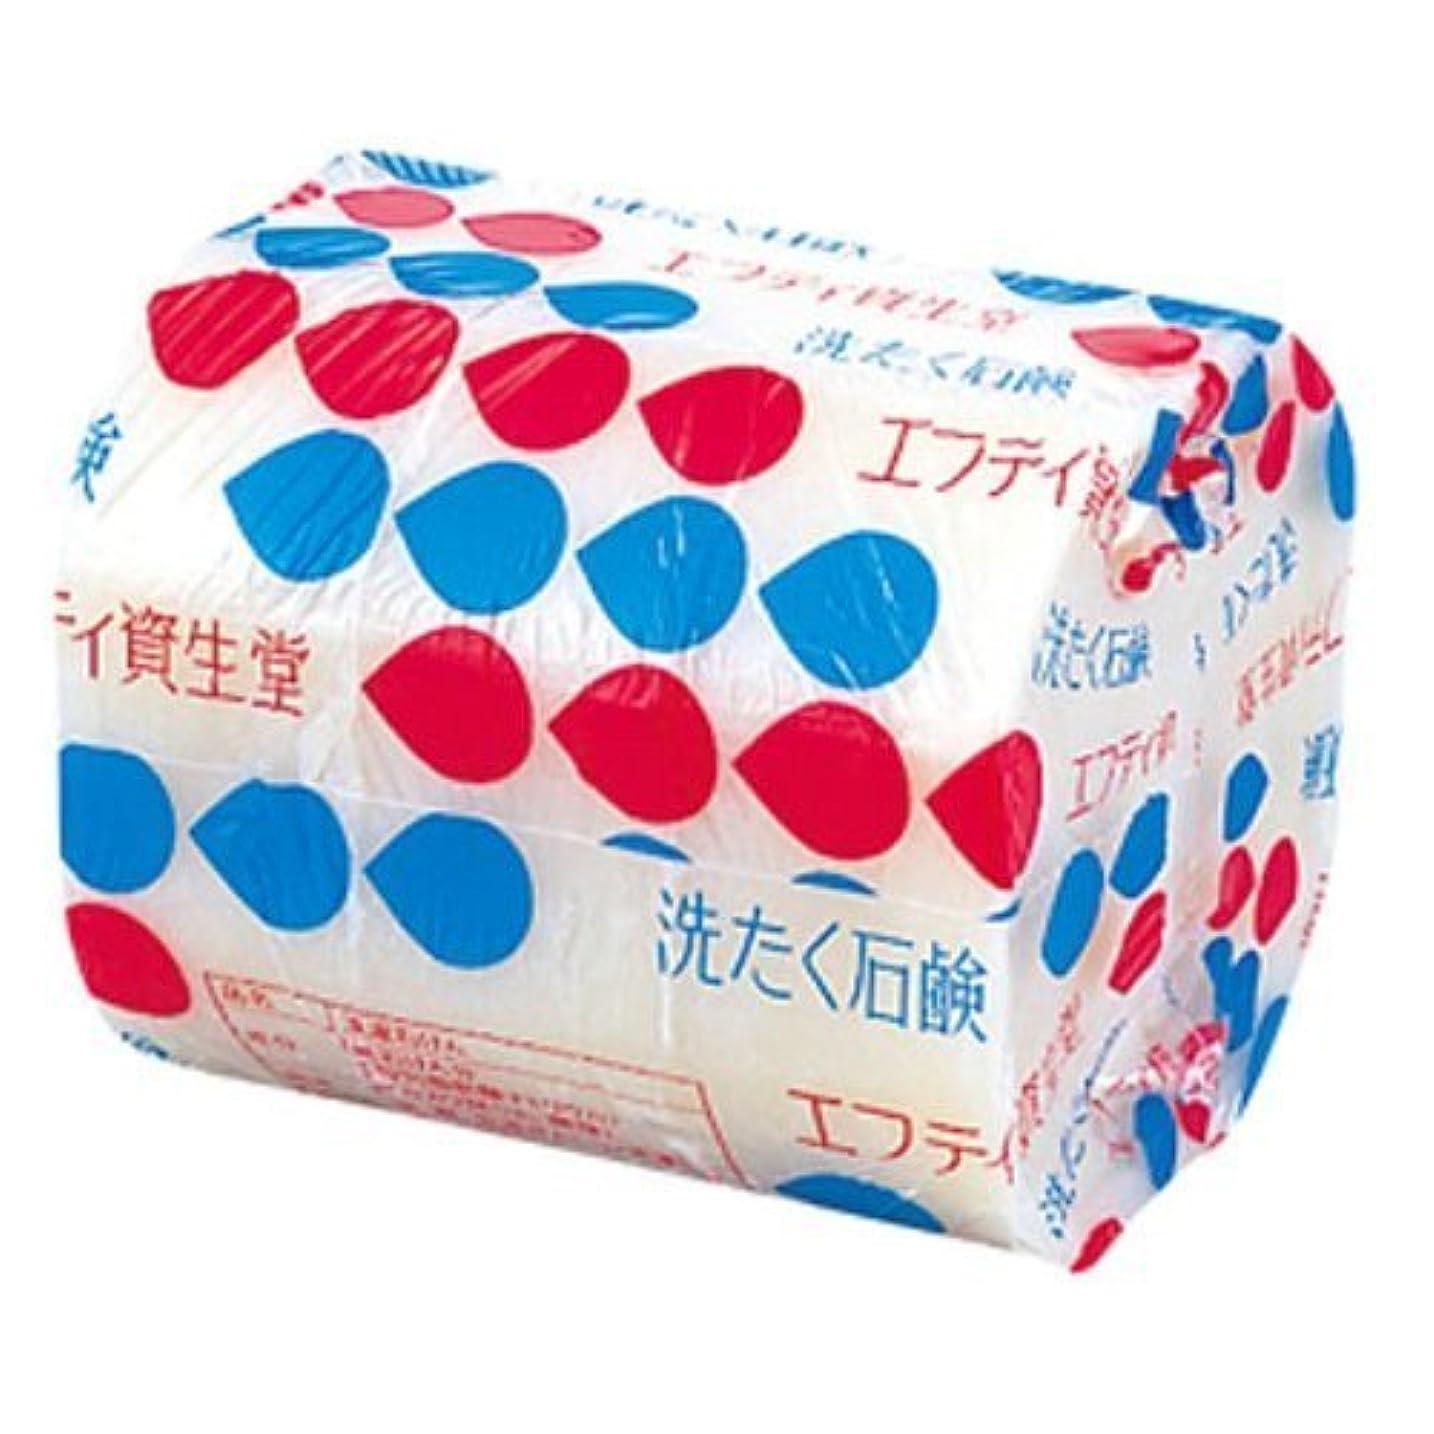 コマンド嵐の成功【資生堂】エフティ資生堂洗たく石鹸花椿型3コパック200g